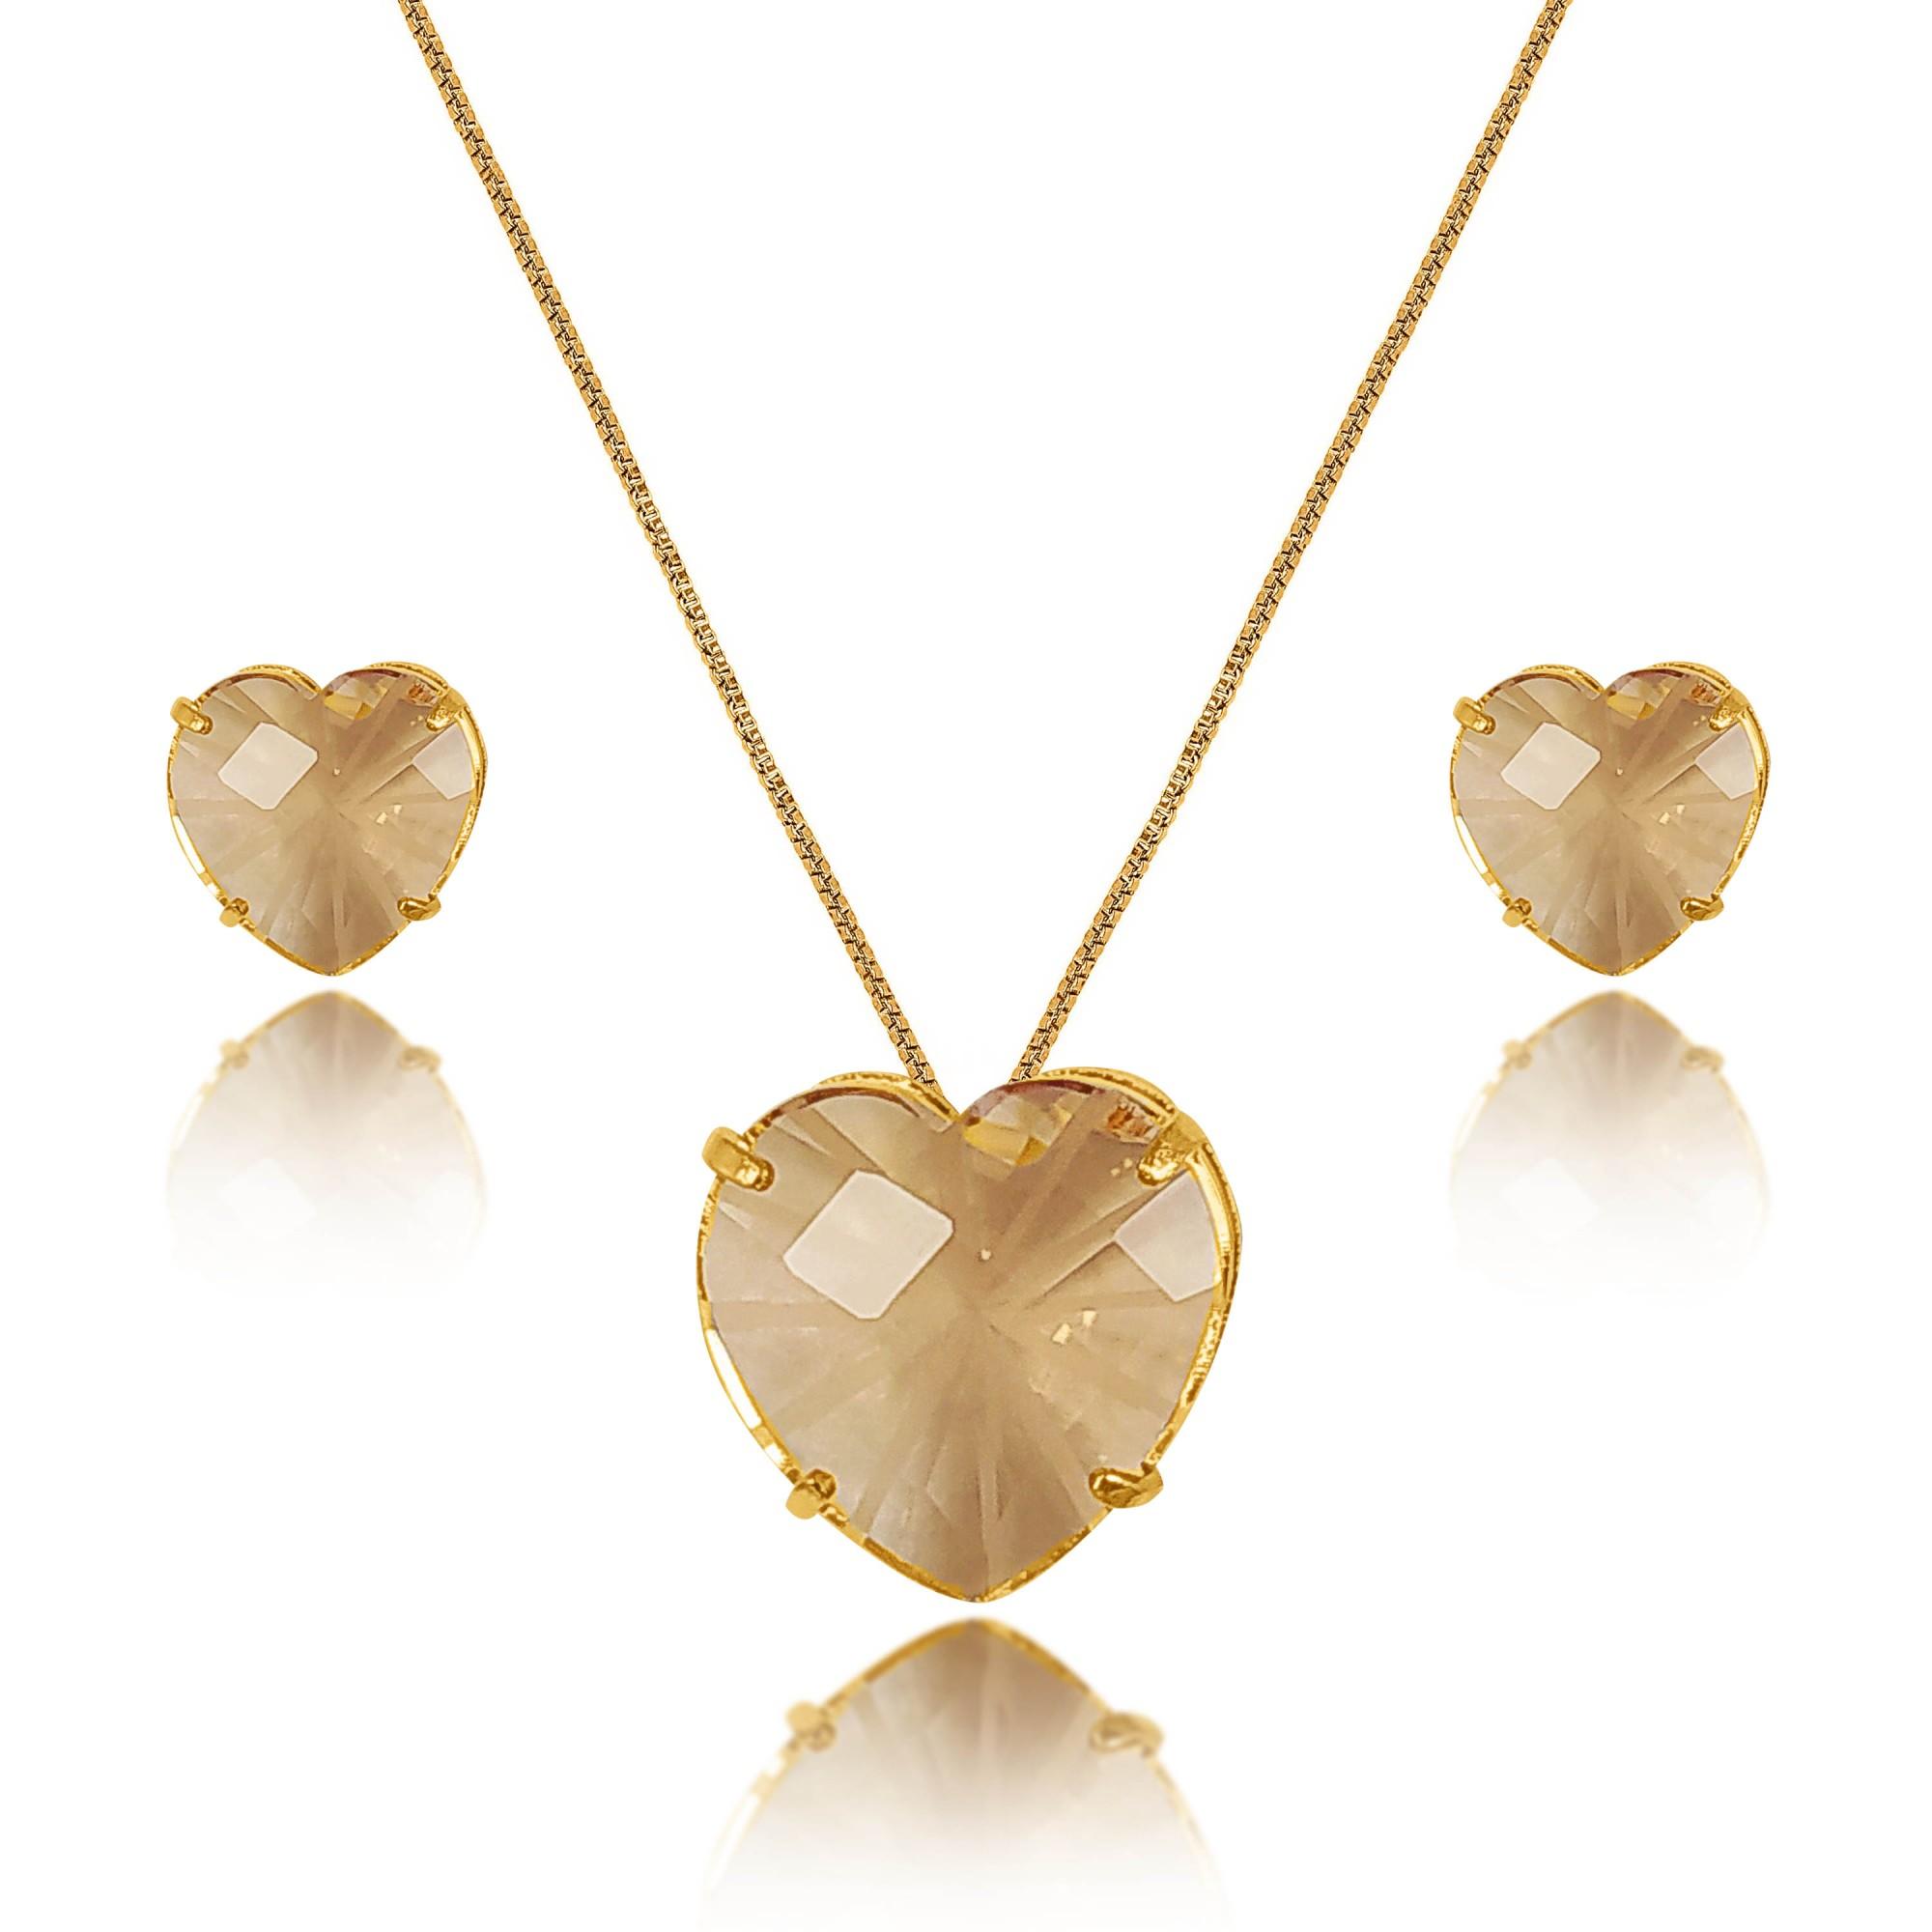 Conjunto Coração Pedra Riscada Folheado a Ouro 18k  - Lunozê Joias